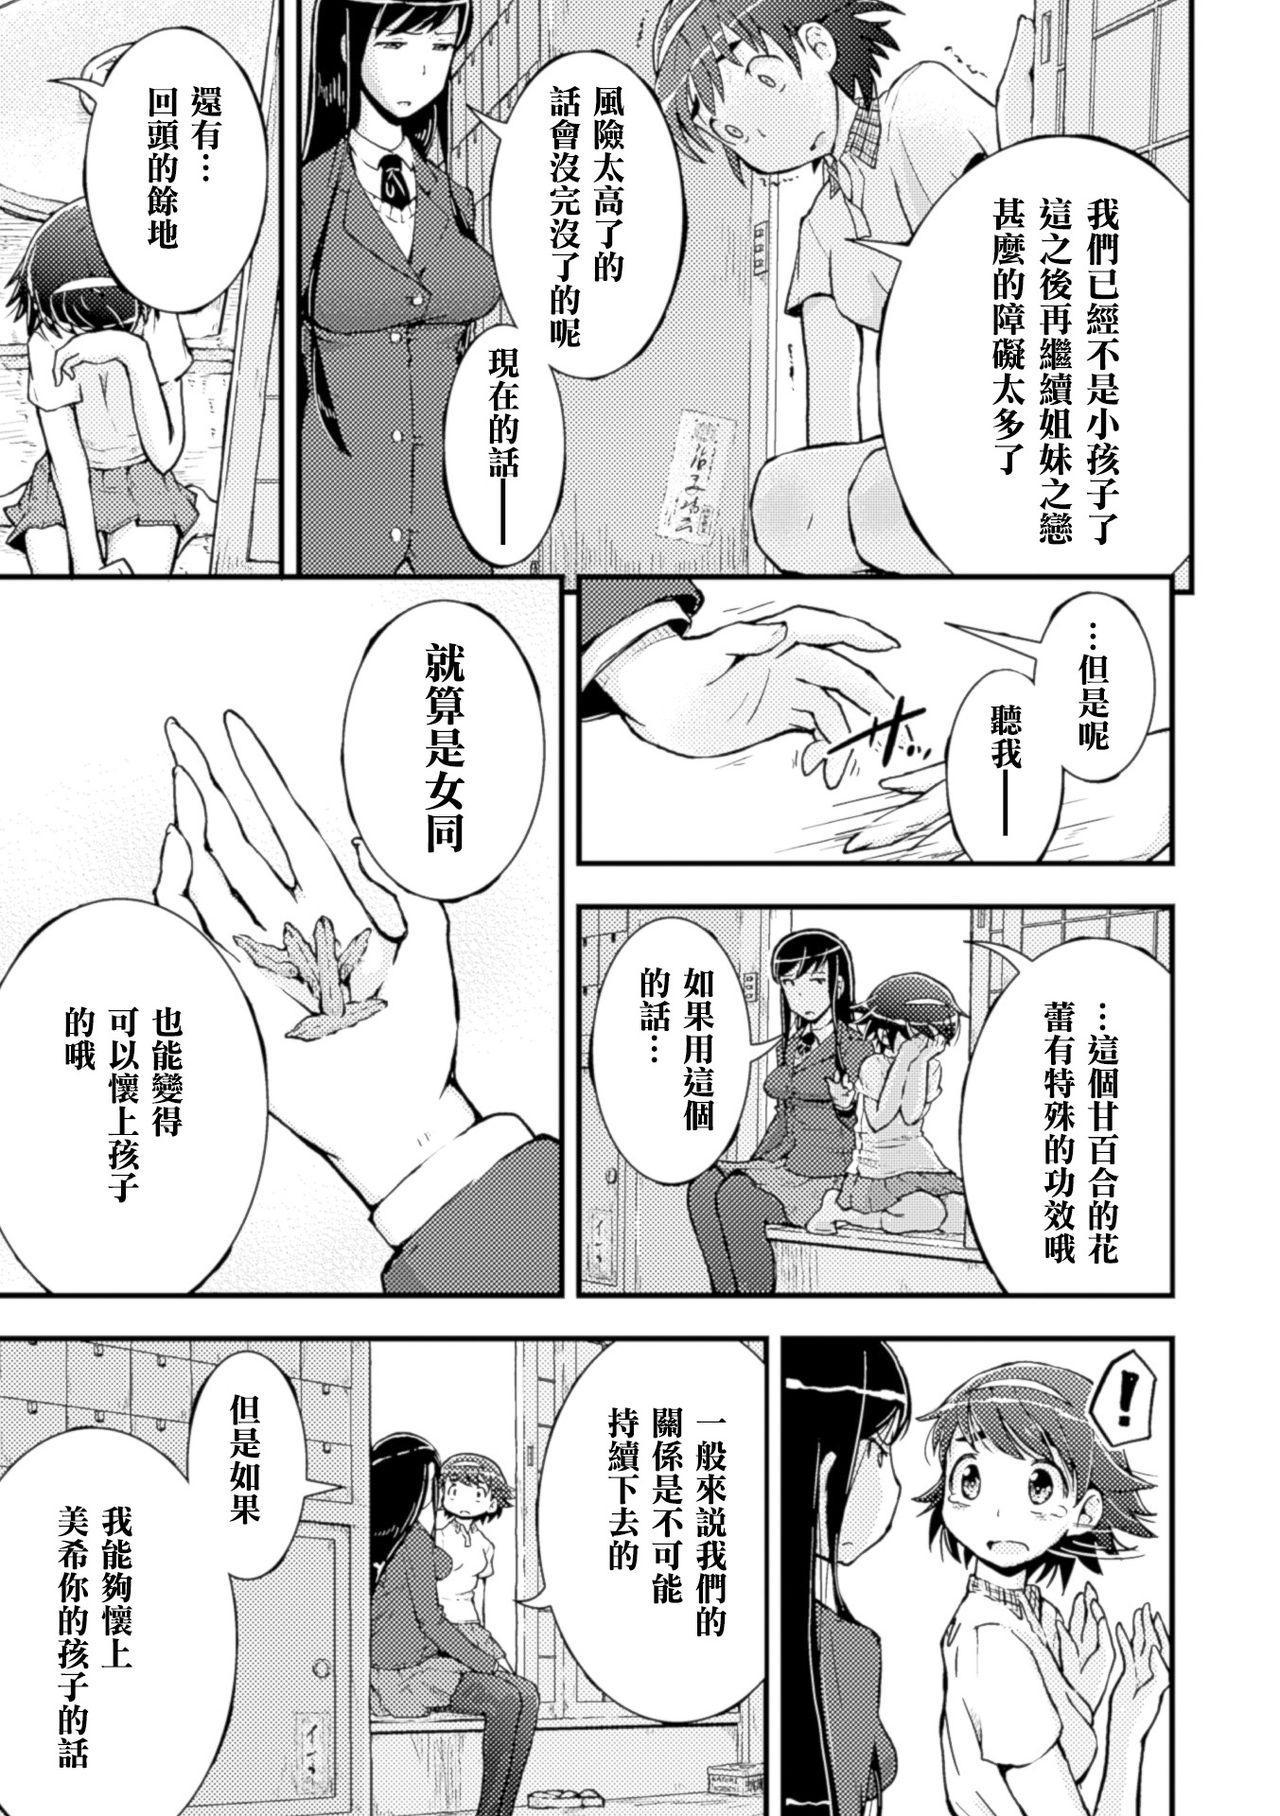 Amayuri no Tane to Yamamoto Shimai 9